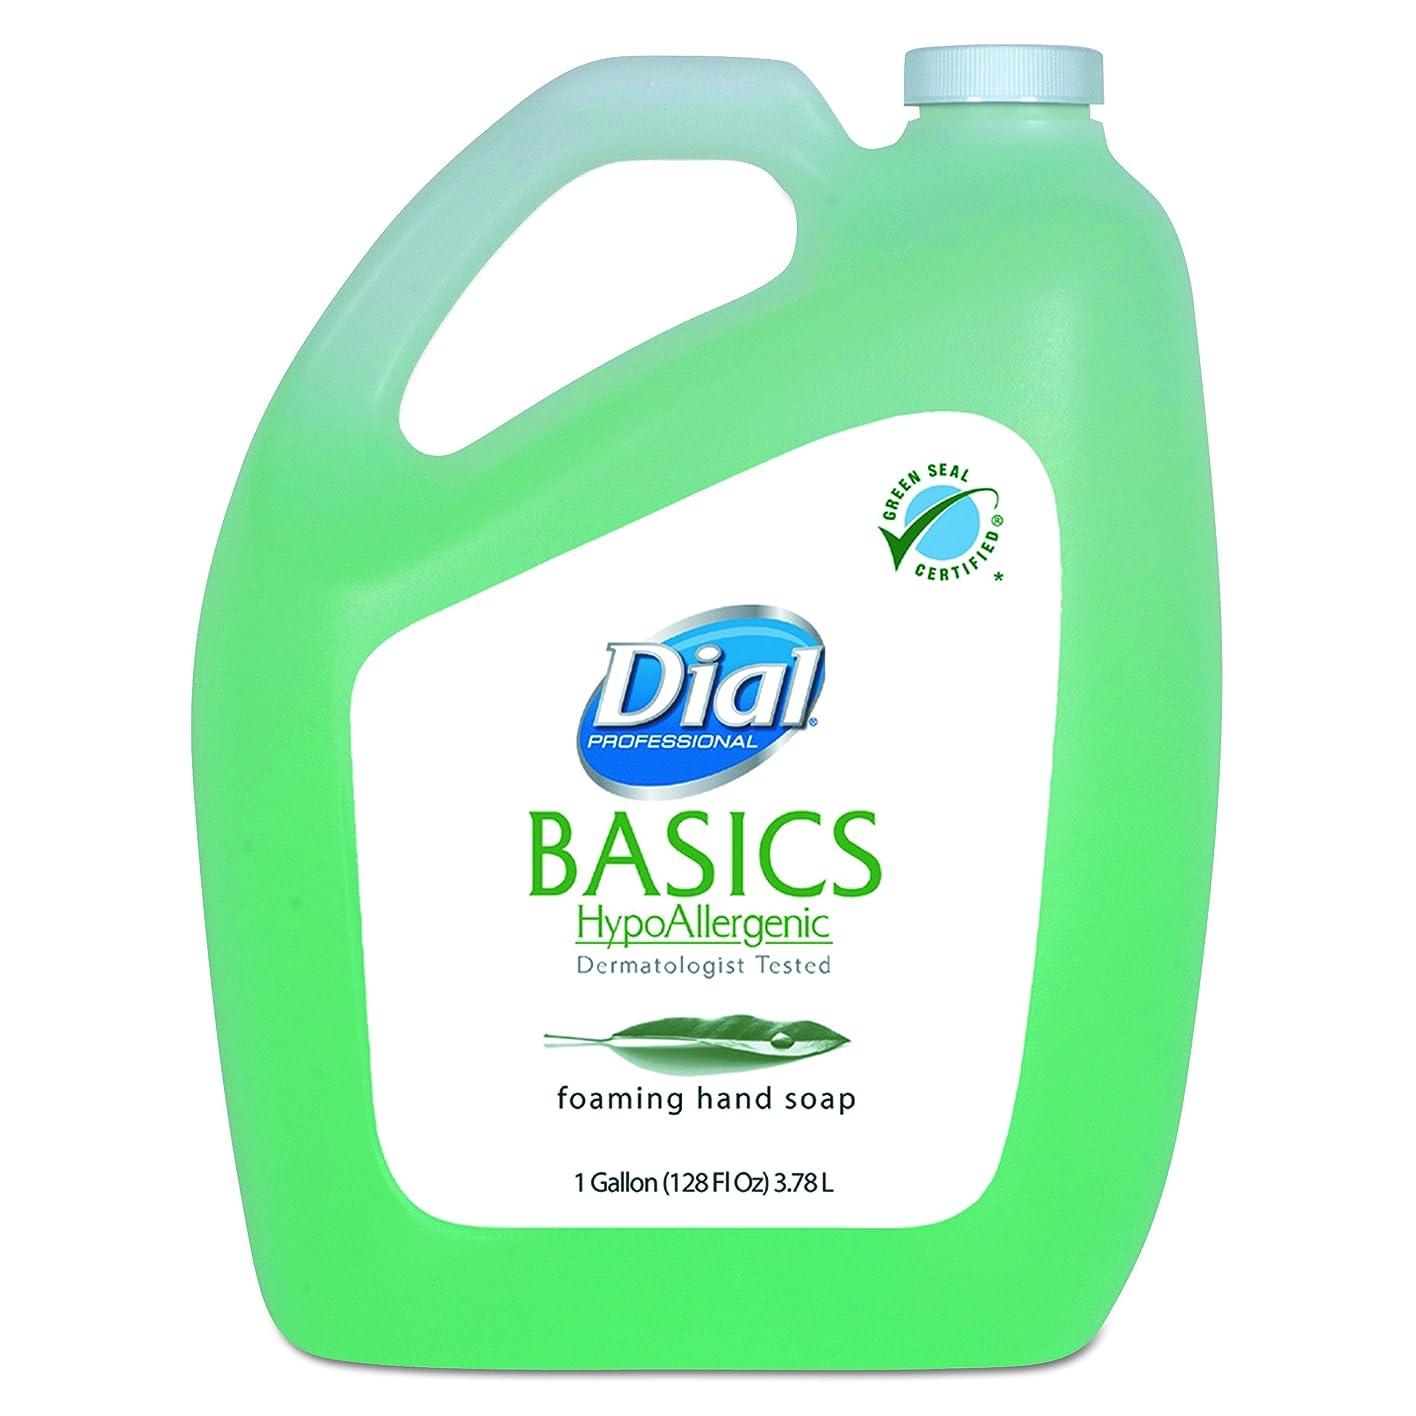 たるみ普及底ダイヤルProfessional Basics Foaming Hand Soap、オリジナル、スイカズラ、1ガロンボトル、4?/カートン